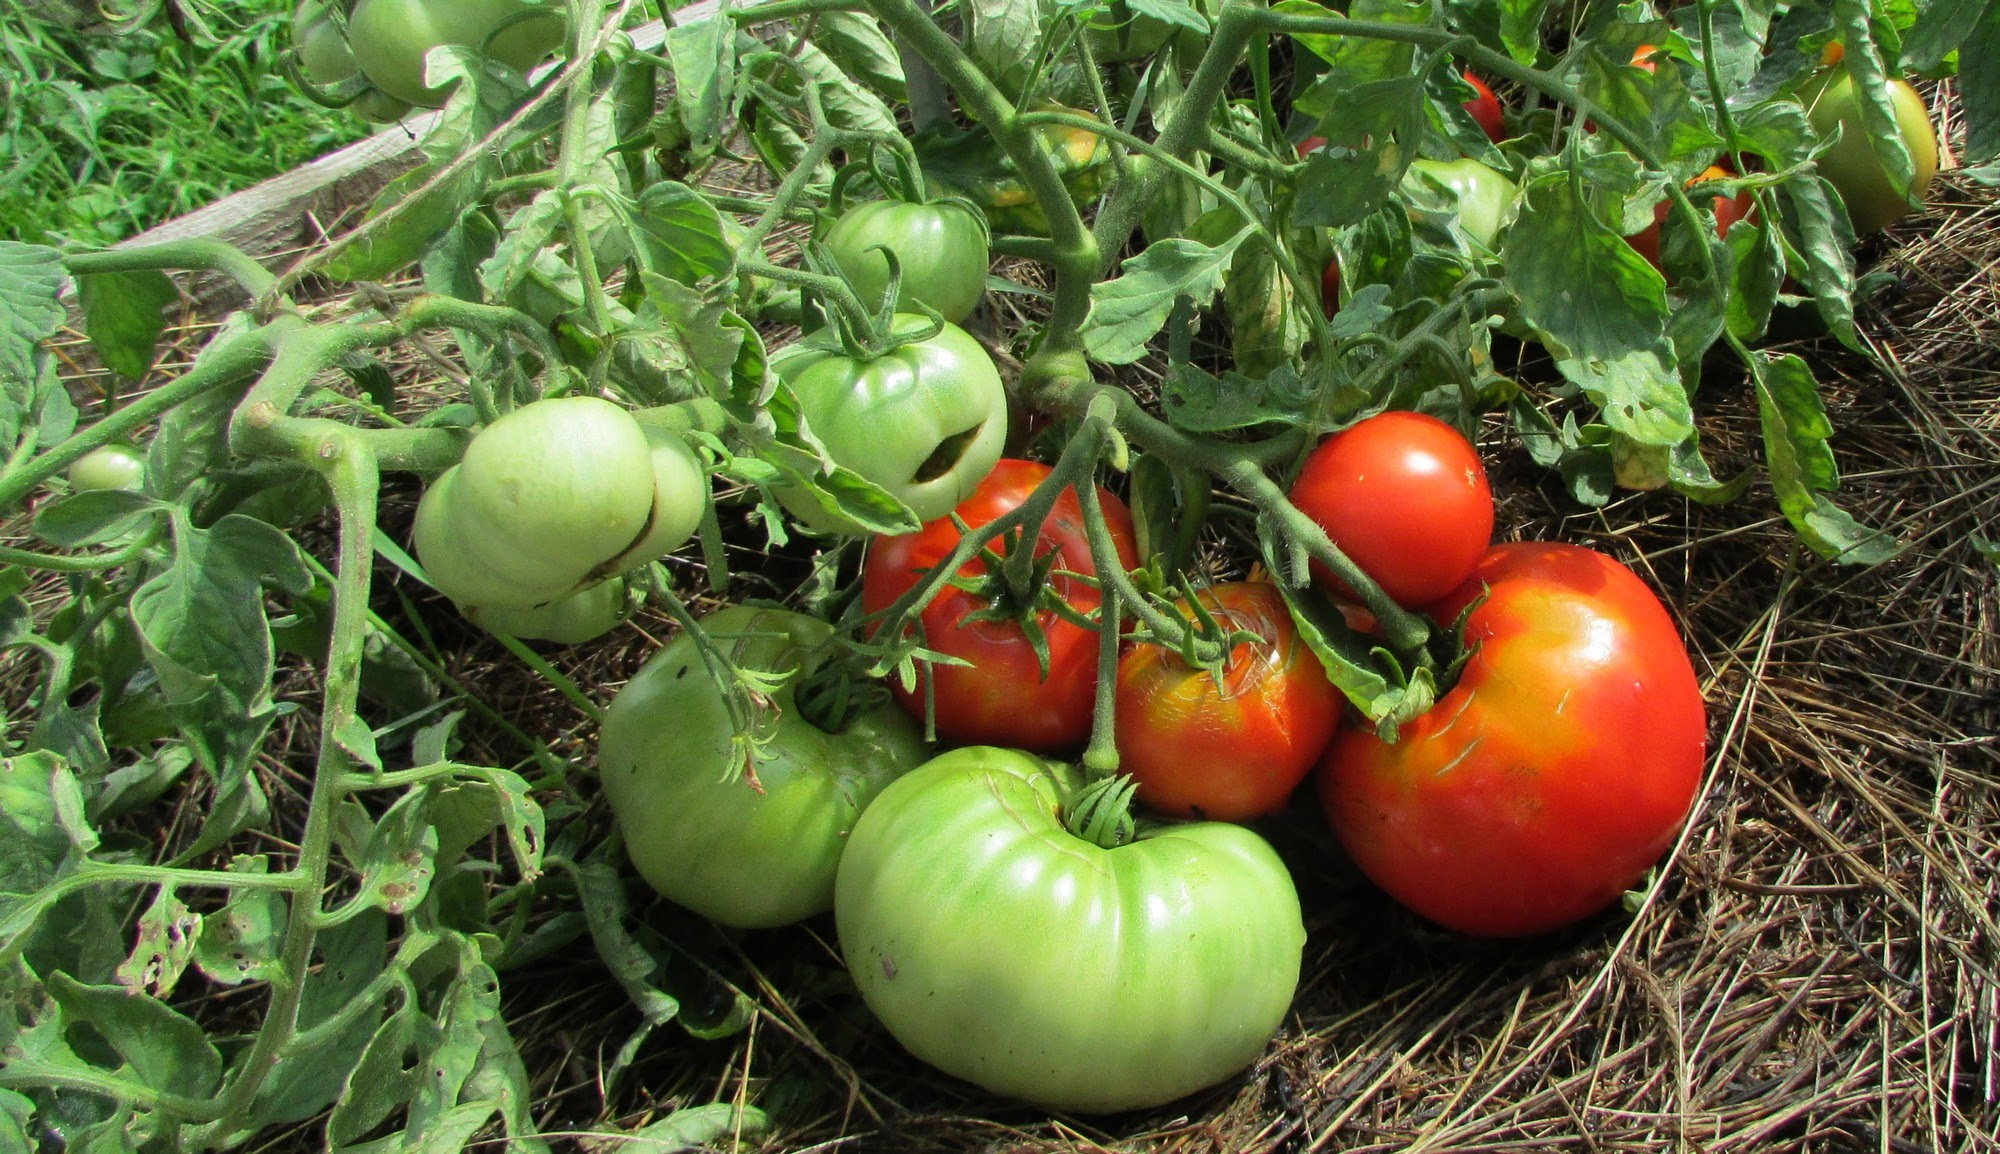 плоды томата Монгольский карлик